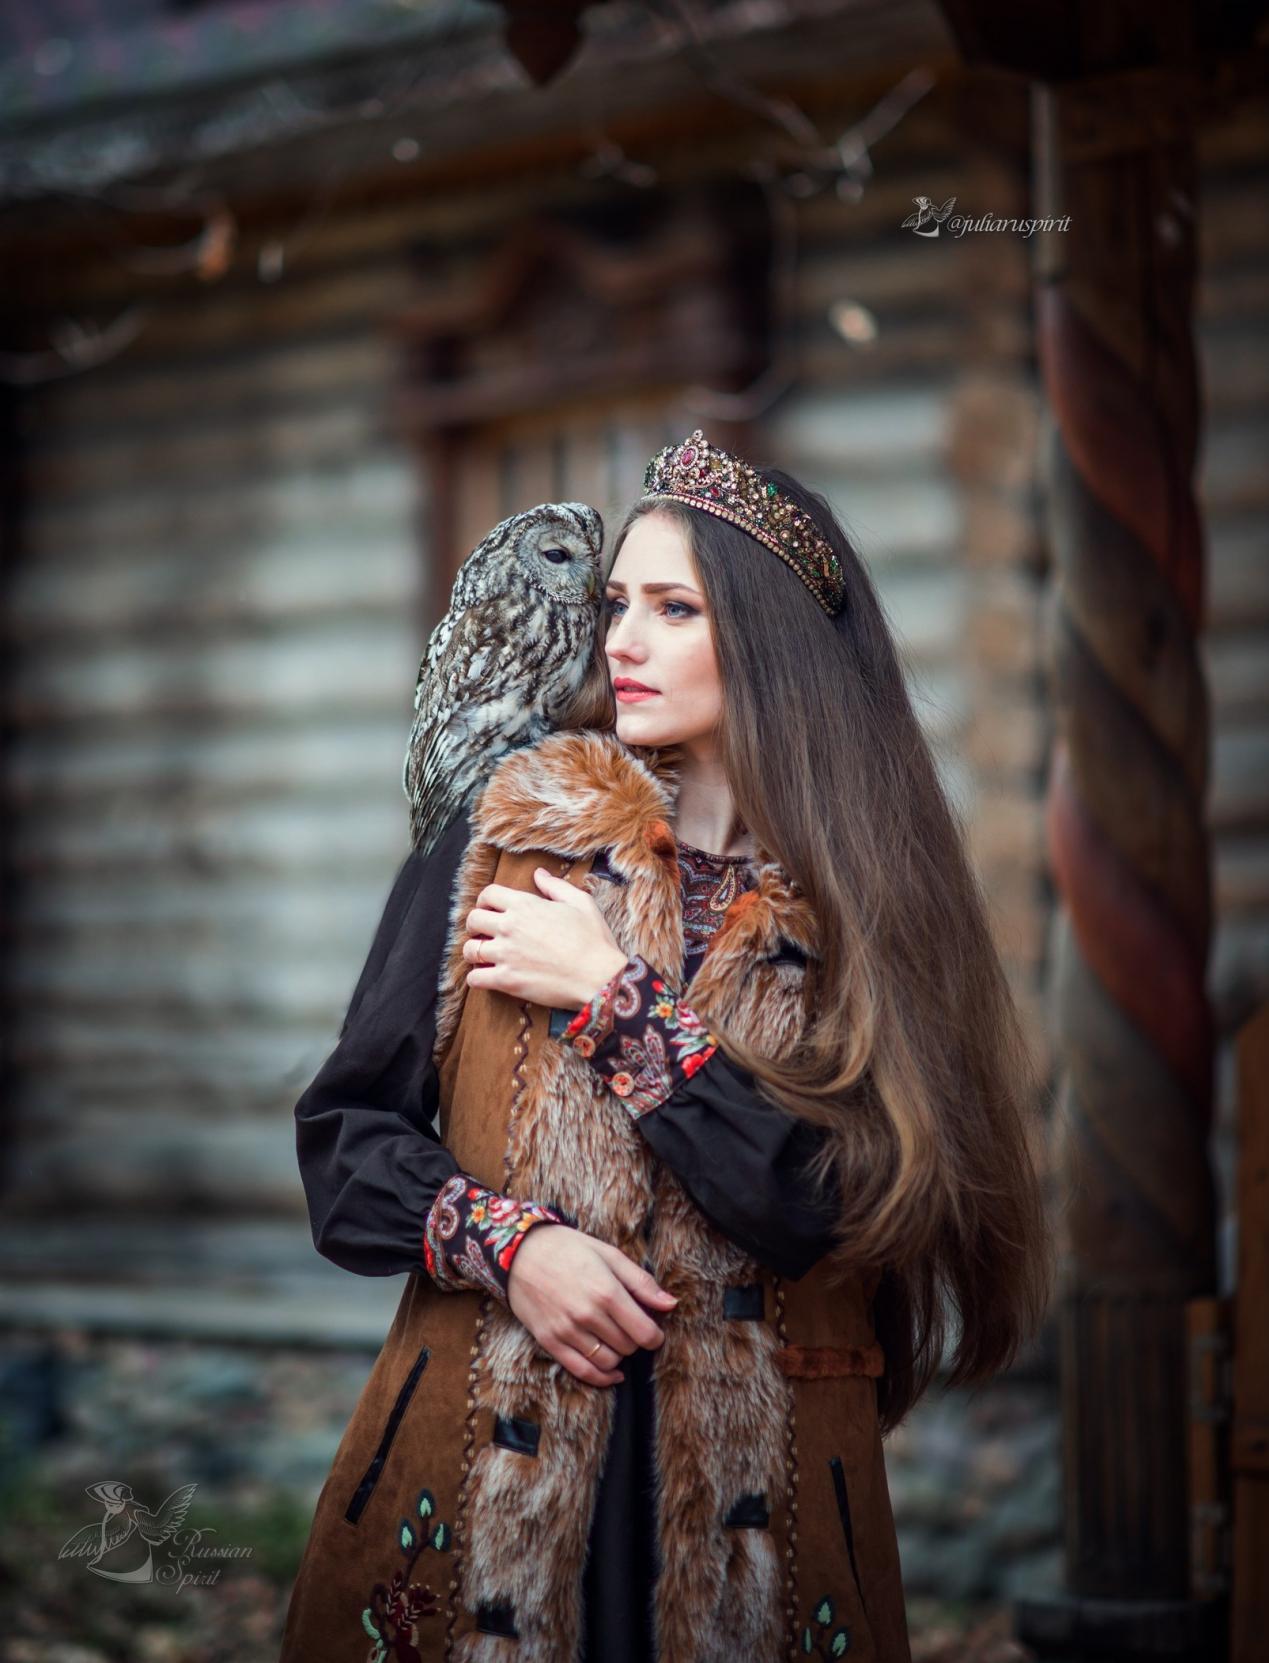 Девушка в костюме в русском стиле  с совой